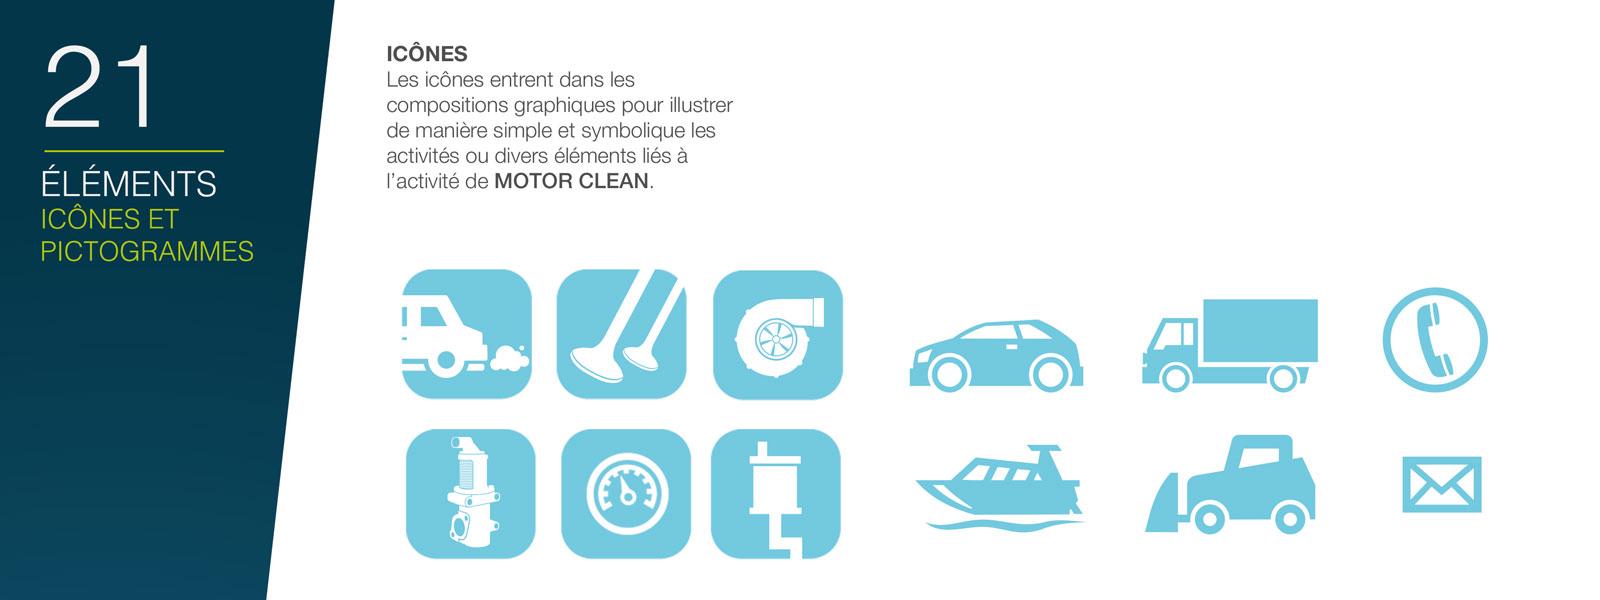 icônes de la charte graphique Motor Clean